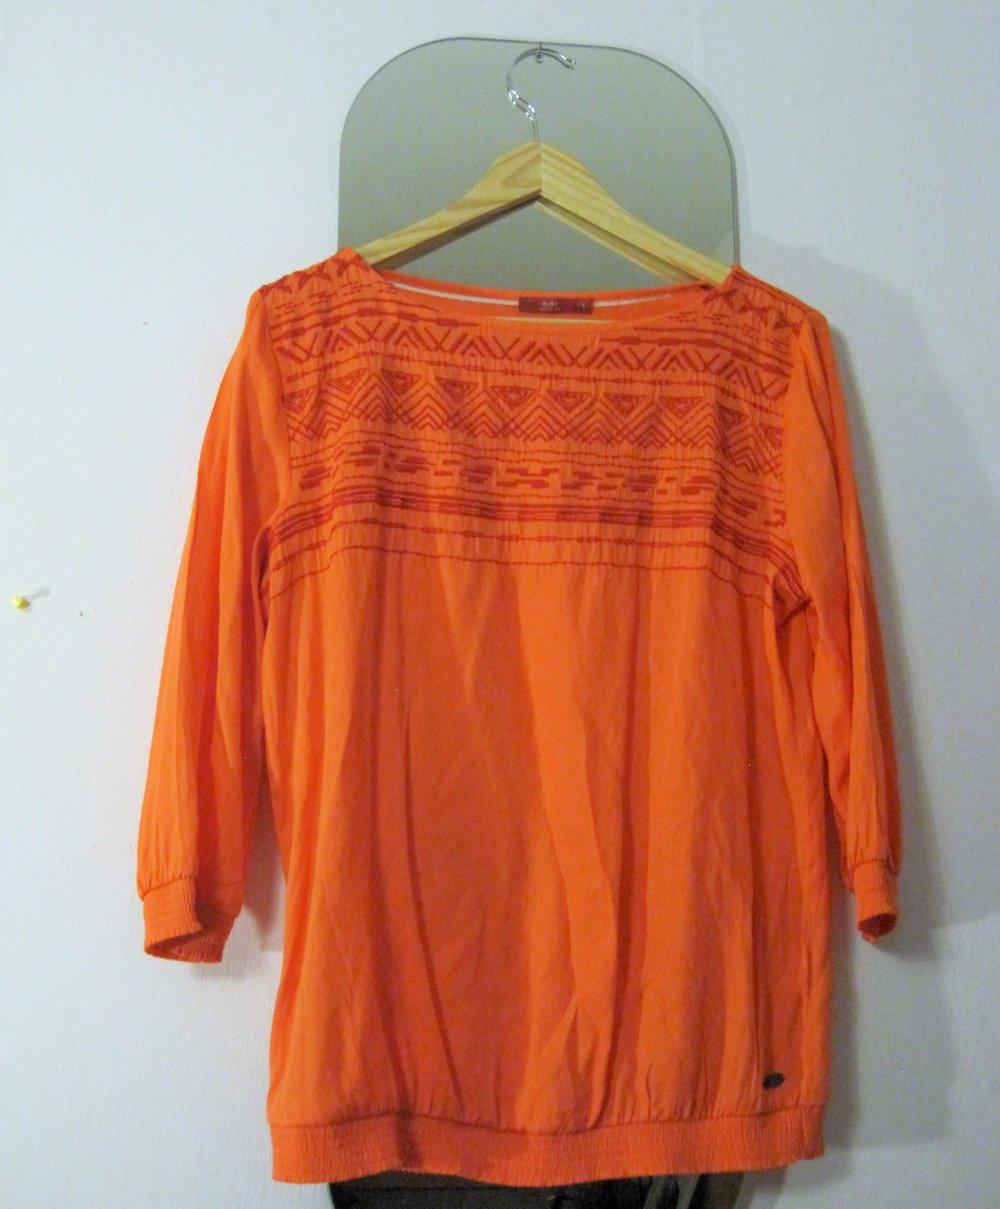 bluse esprit ethno azteken muster orange rot 3 4 rmelig. Black Bedroom Furniture Sets. Home Design Ideas